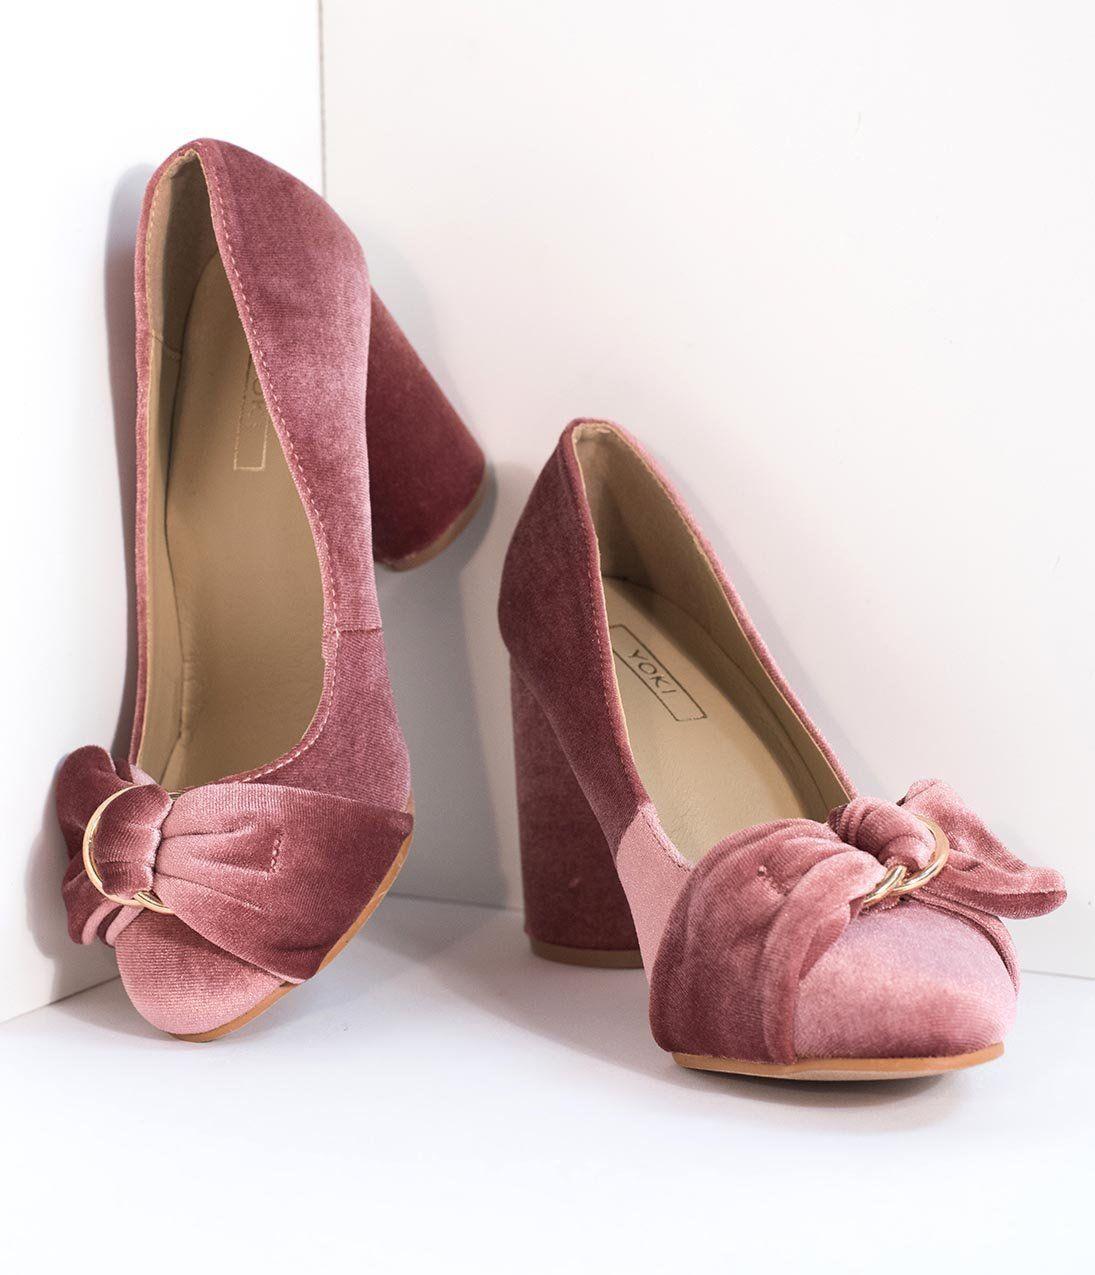 83b891d91bd Blush Pink Velvet Buckle Bow Closed Toe Heels – Unique Vintage ...